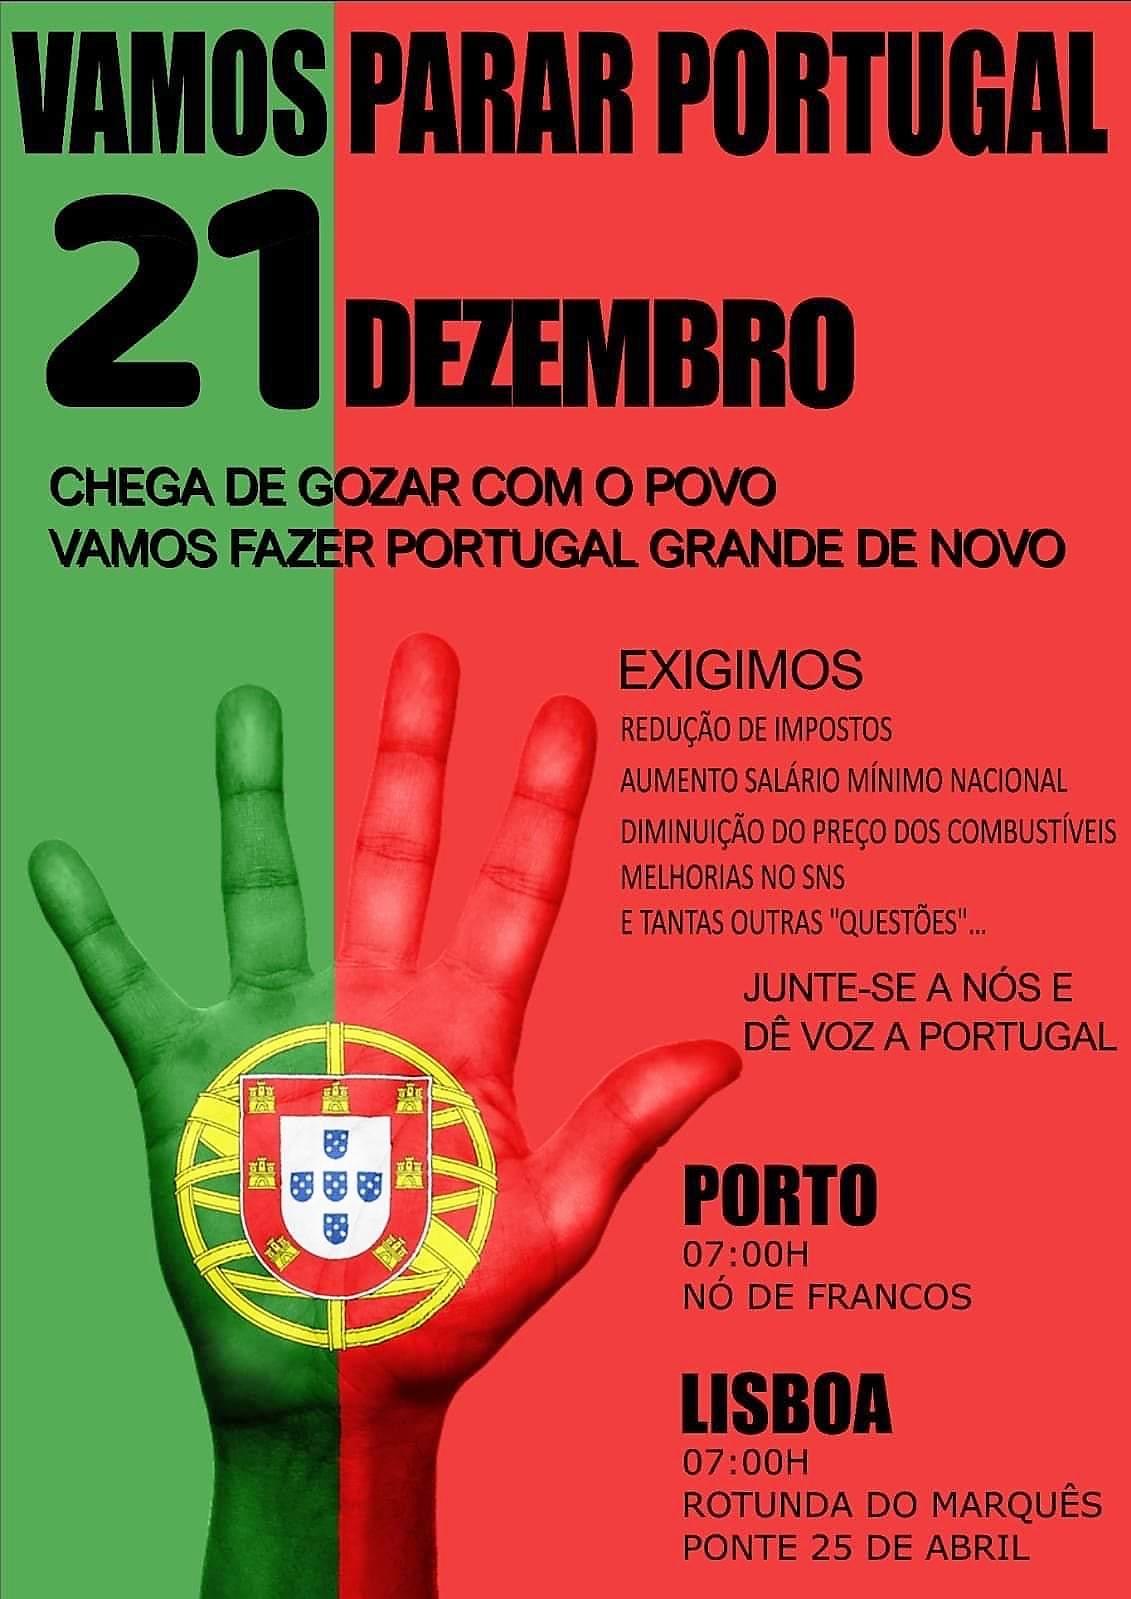 21 de dezembro, 7h00: Portugal